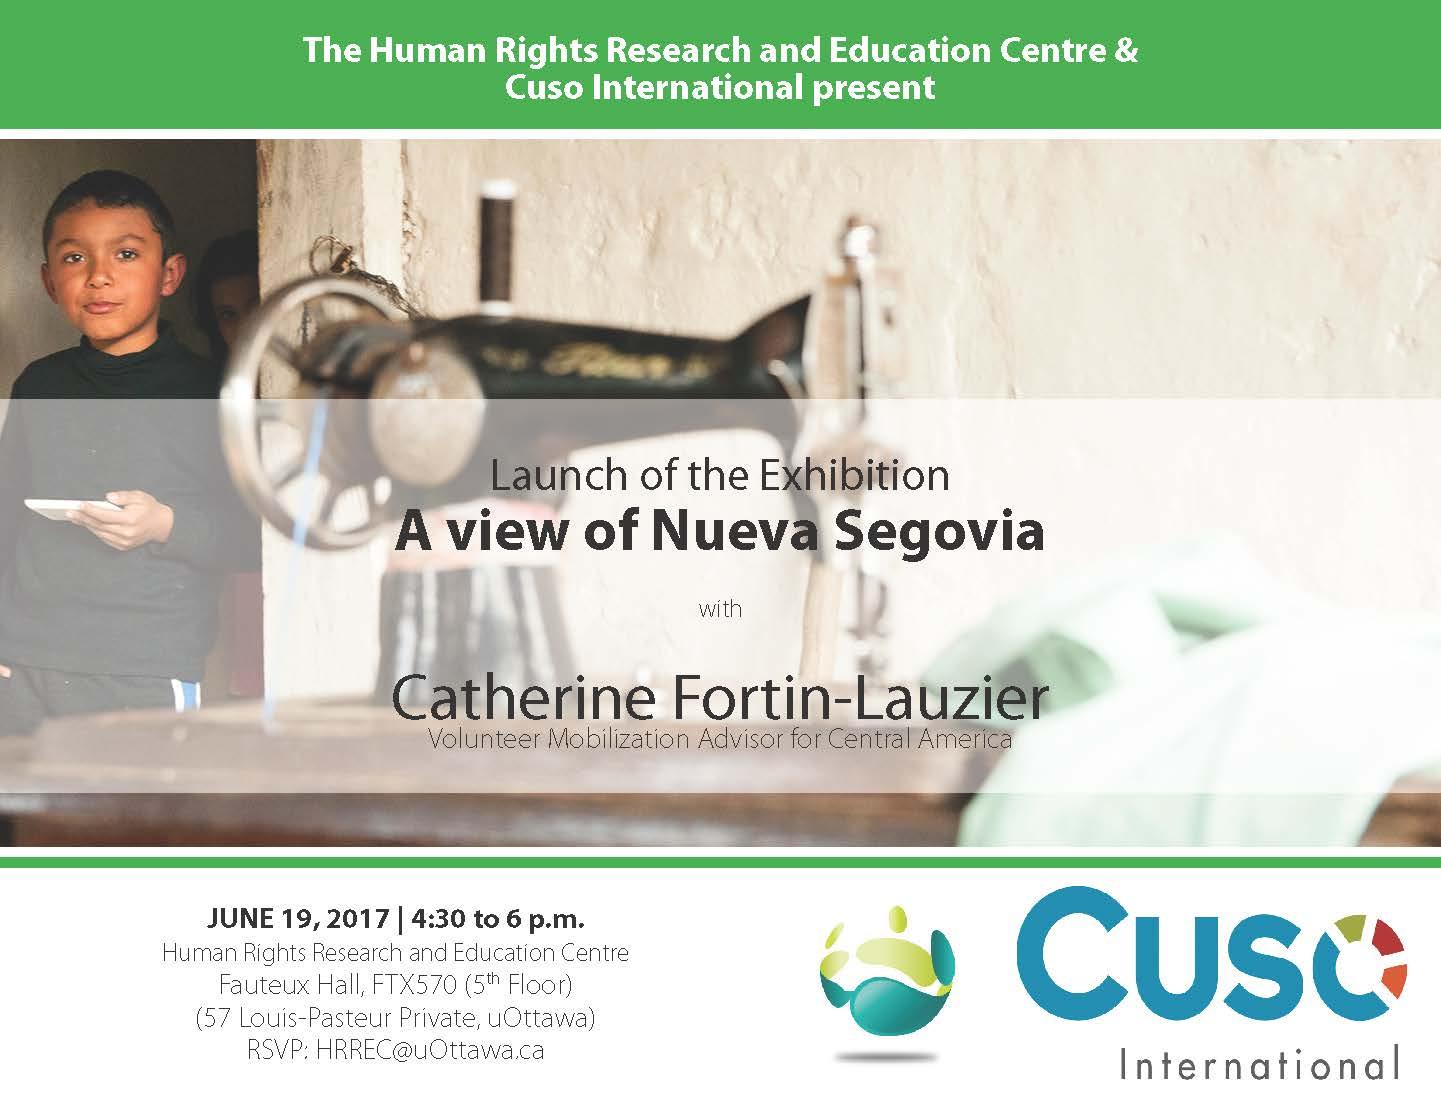 Exhibition - A View of Nueva Segovia